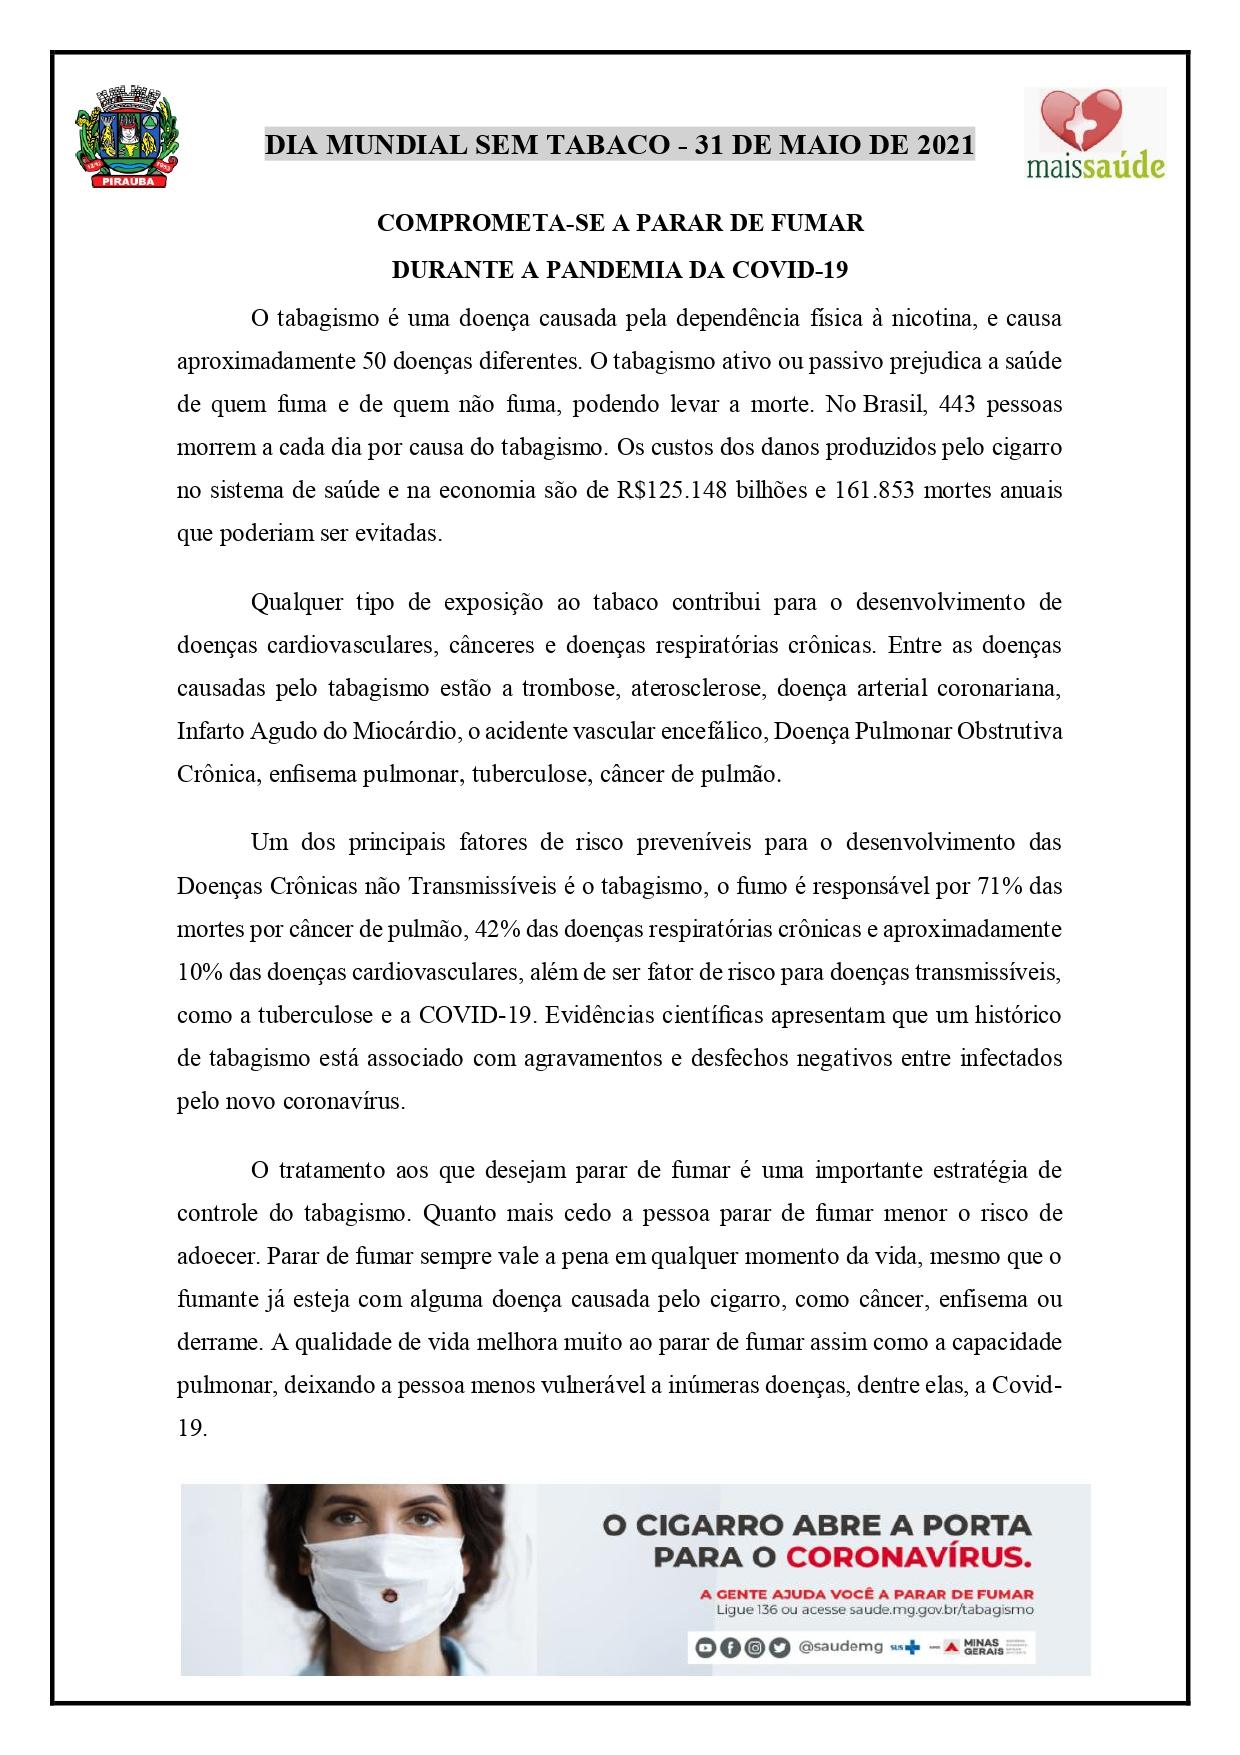 DIA MUNDIAL SEM TABACO - 31 DE MAIO DE 2021